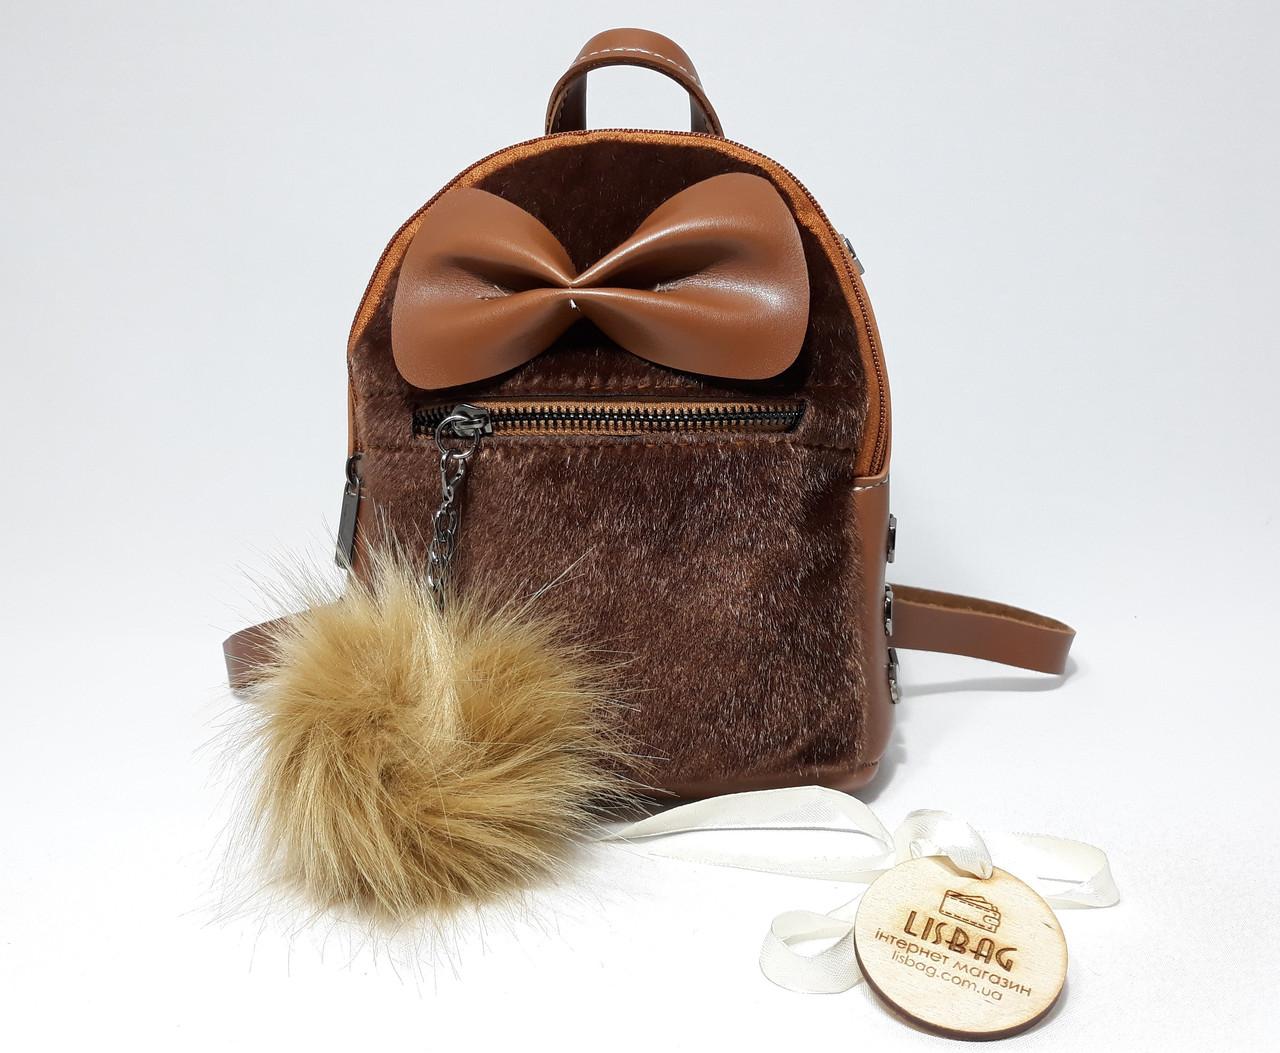 2cad421ded18 Женский маленький рюкзак с Бабочкой на меху коричневого цвета ...